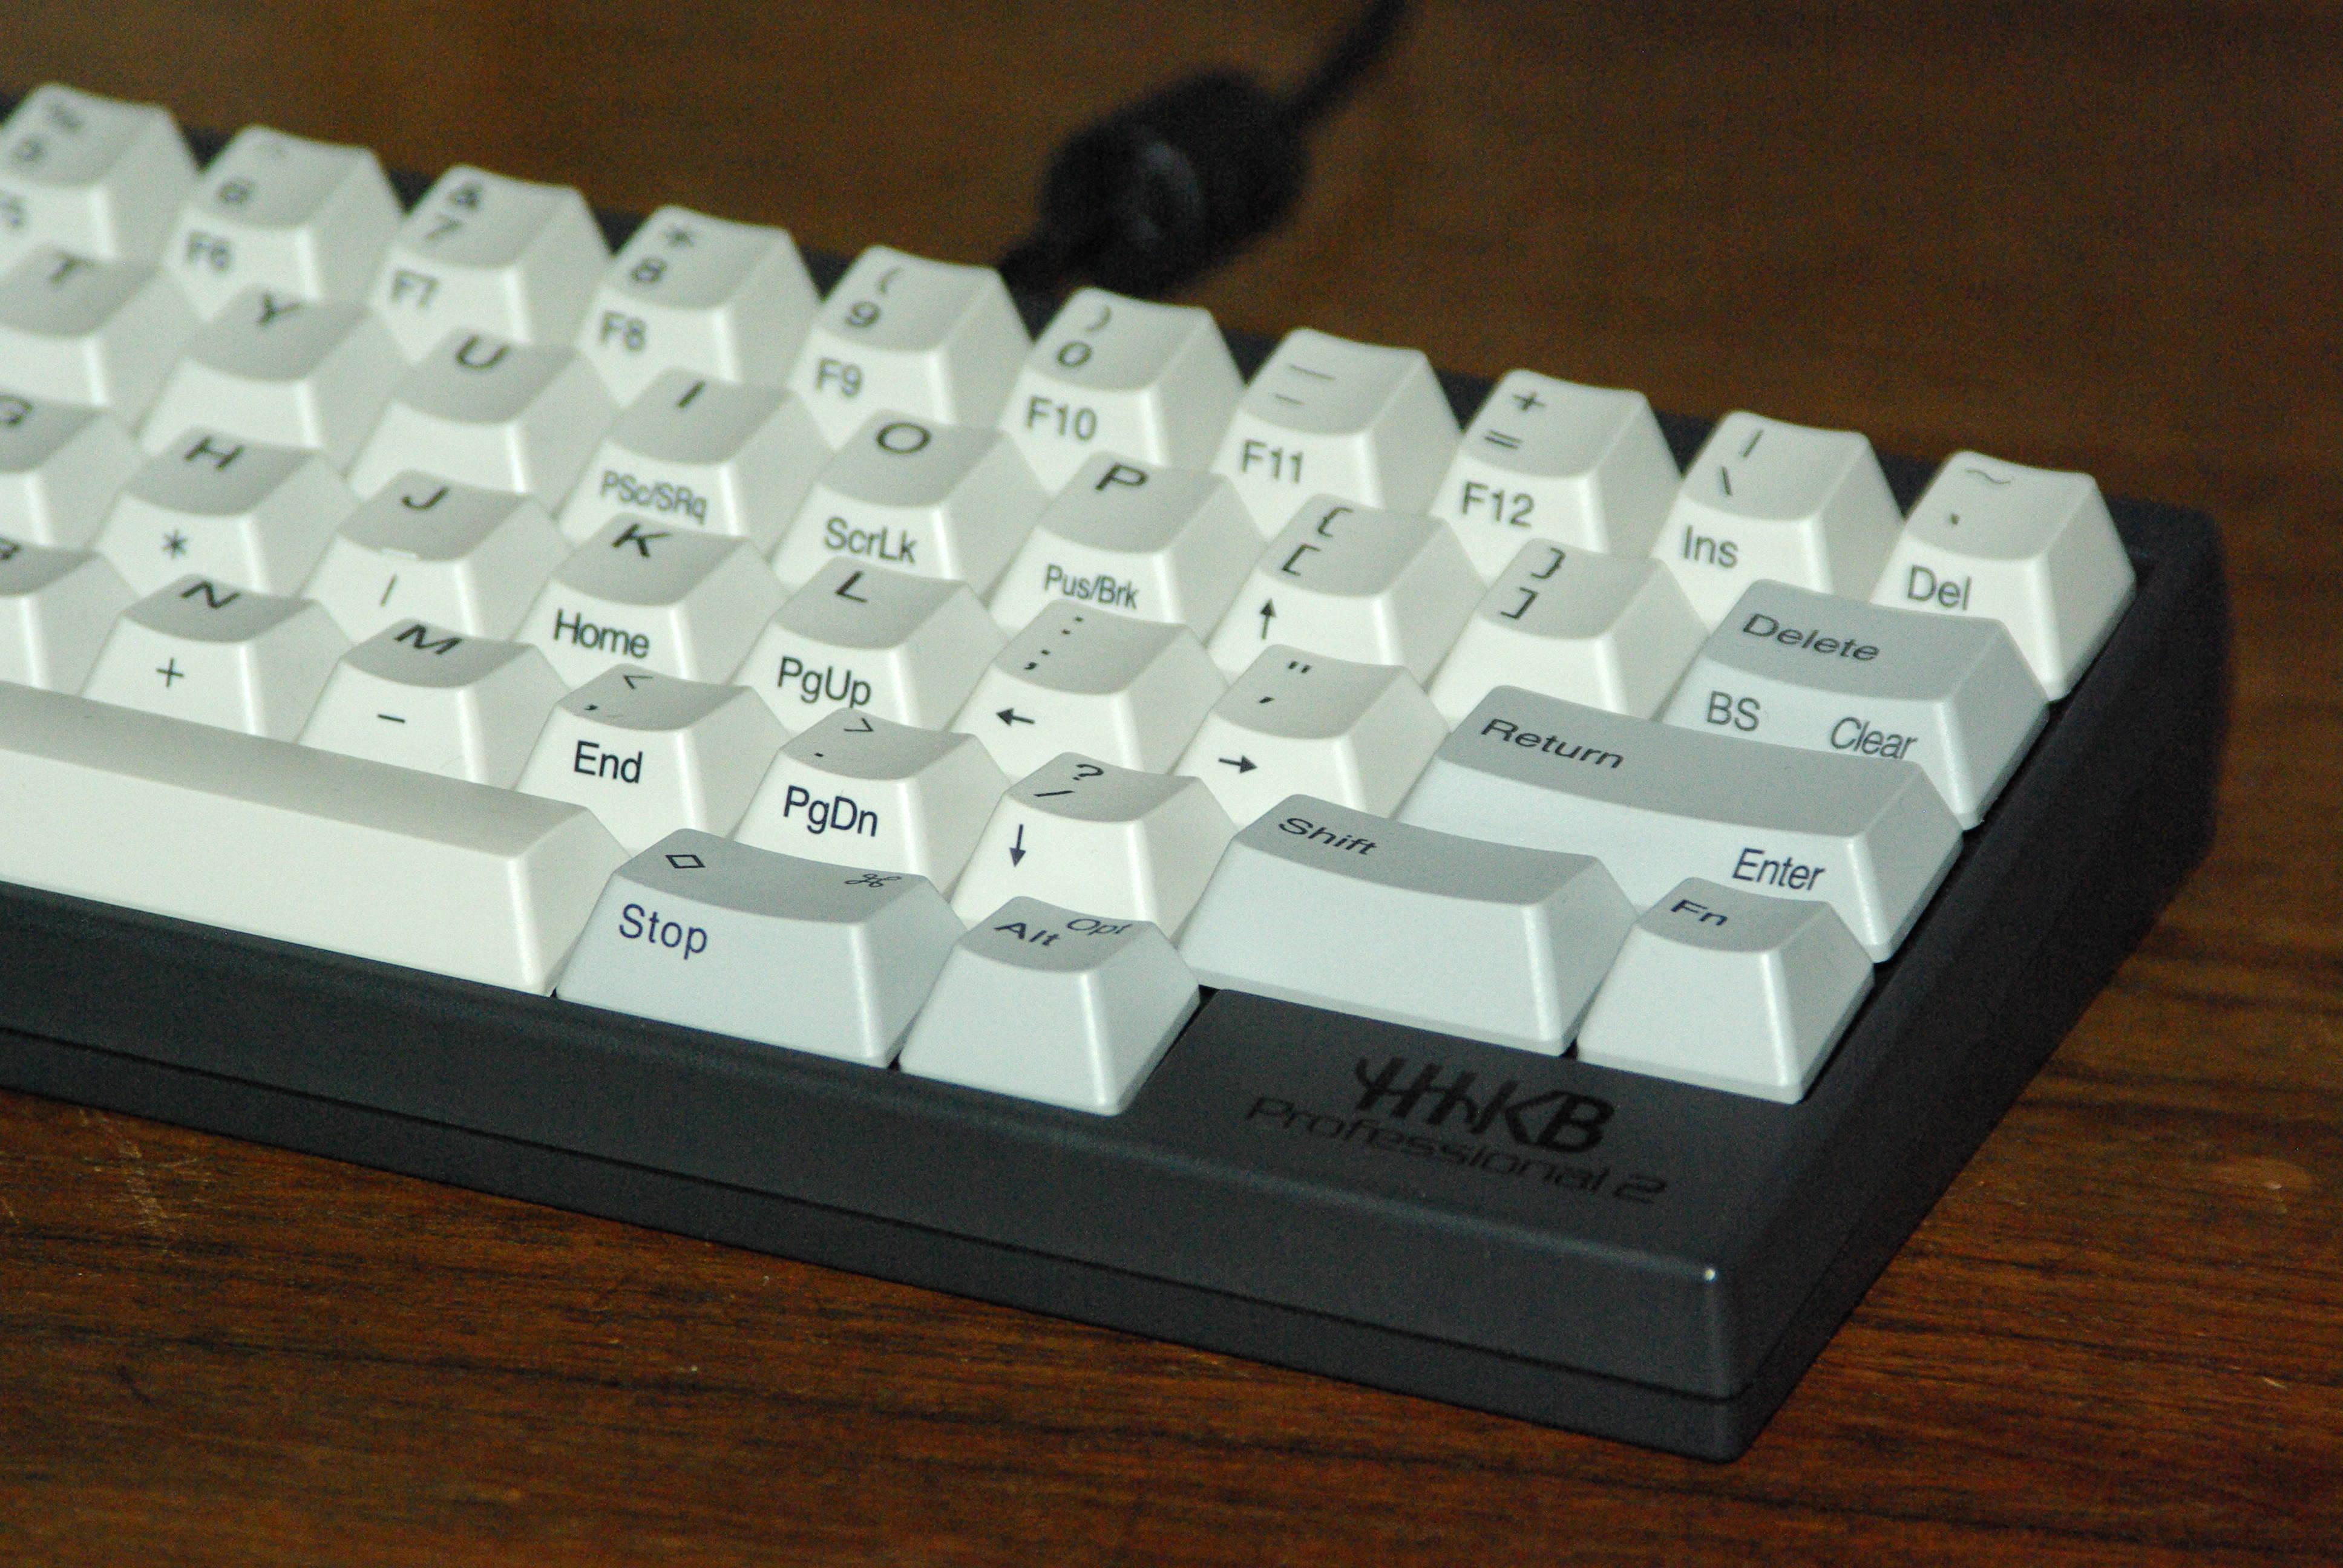 IMGP8854.JPG